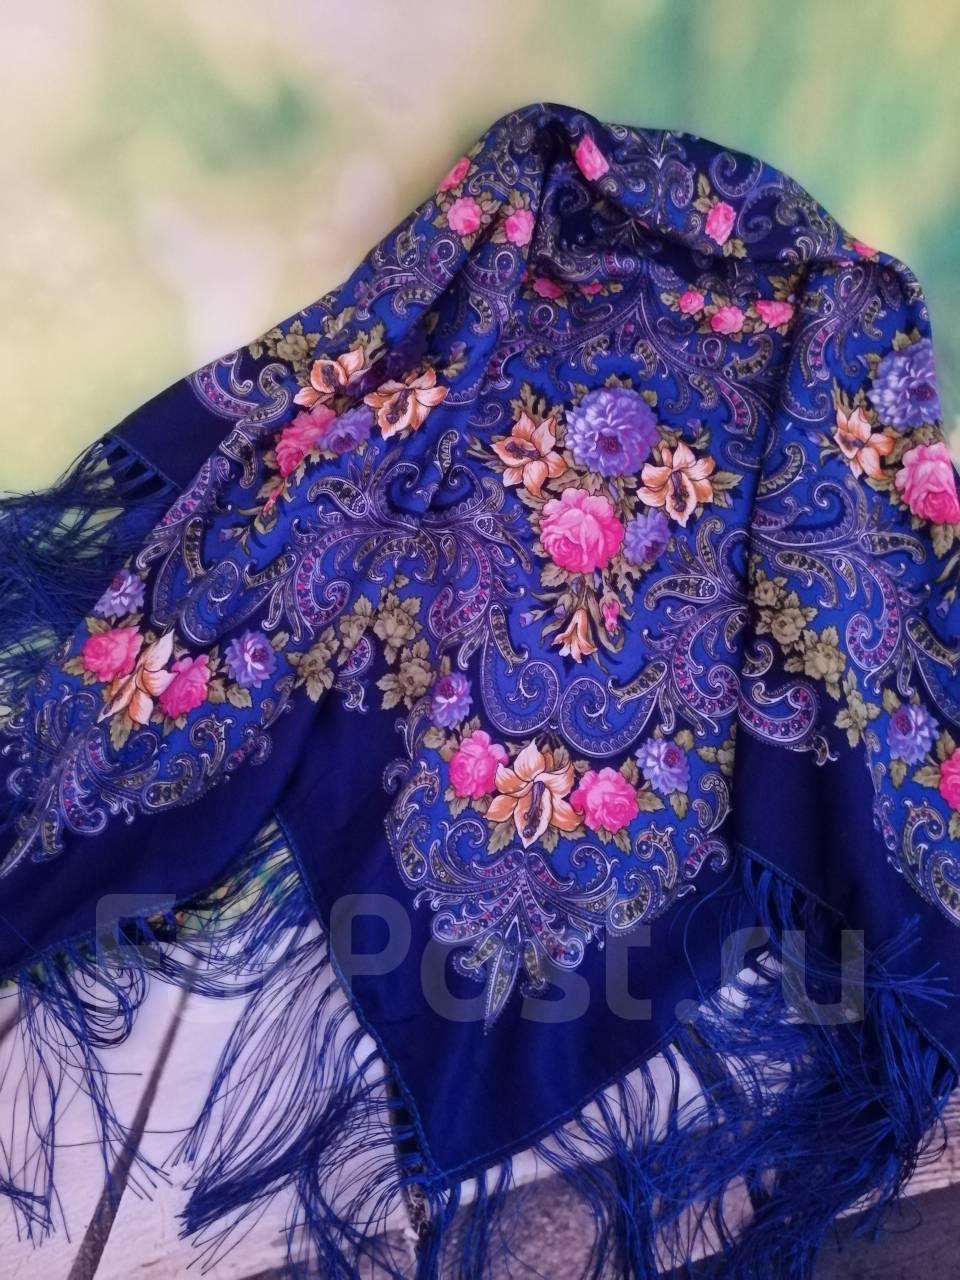 5a41034a1067 Платки, шарфы, палантины во Владивостоке аксессуары и бижутерия